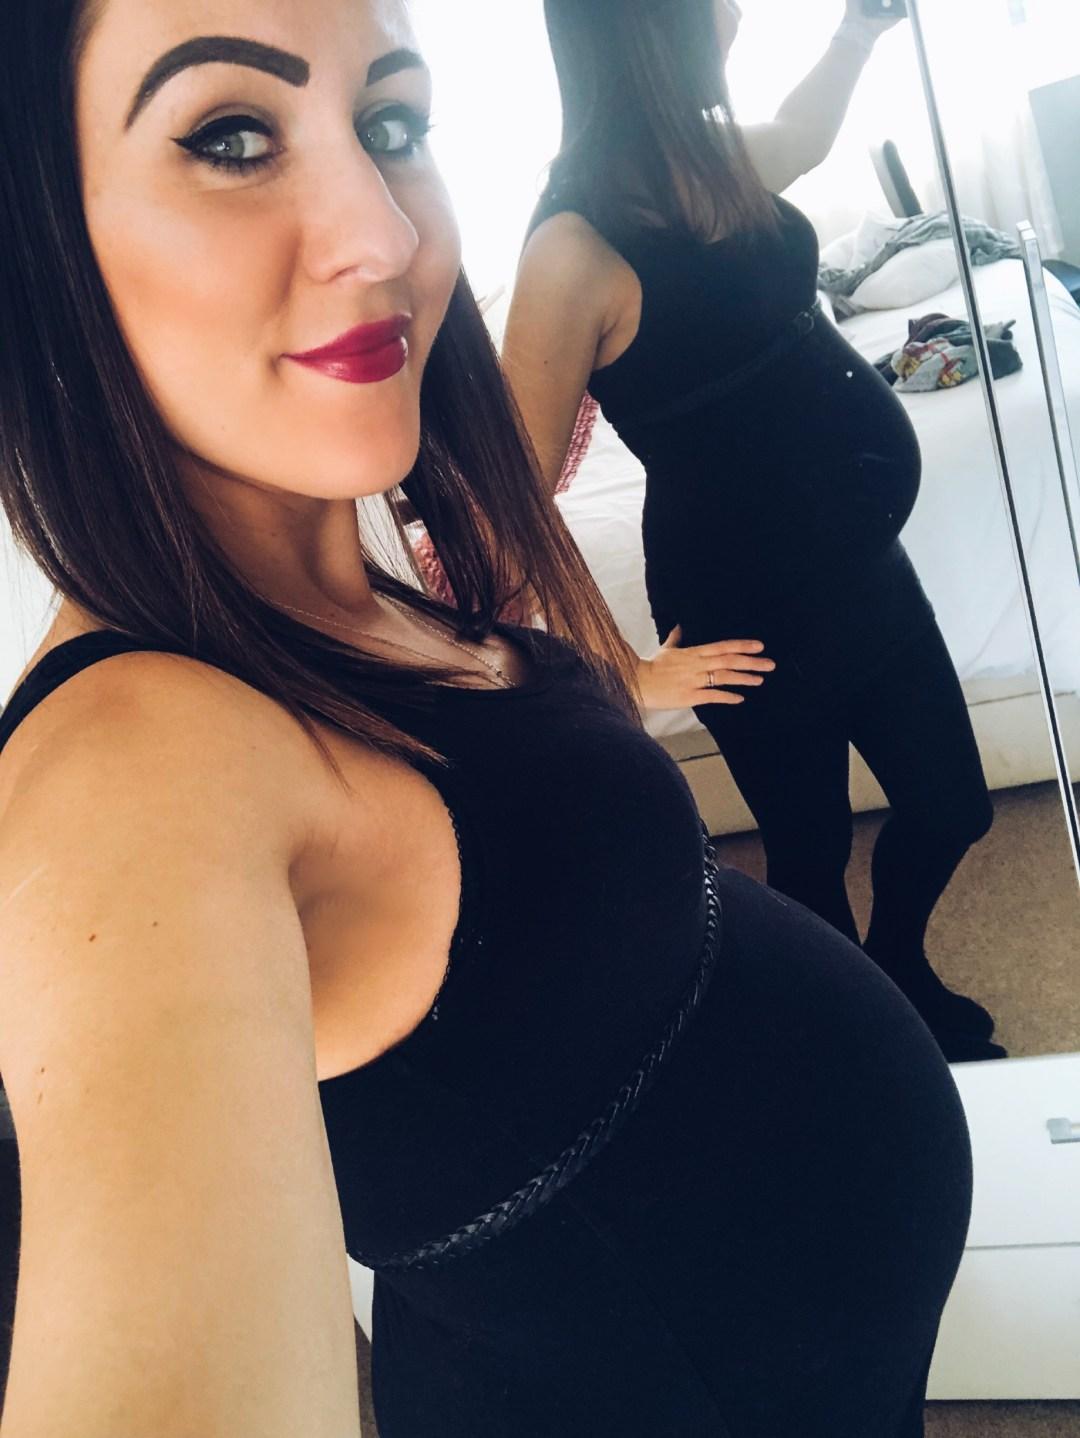 Katie B - Pregnancy Pic - 28 Weeks